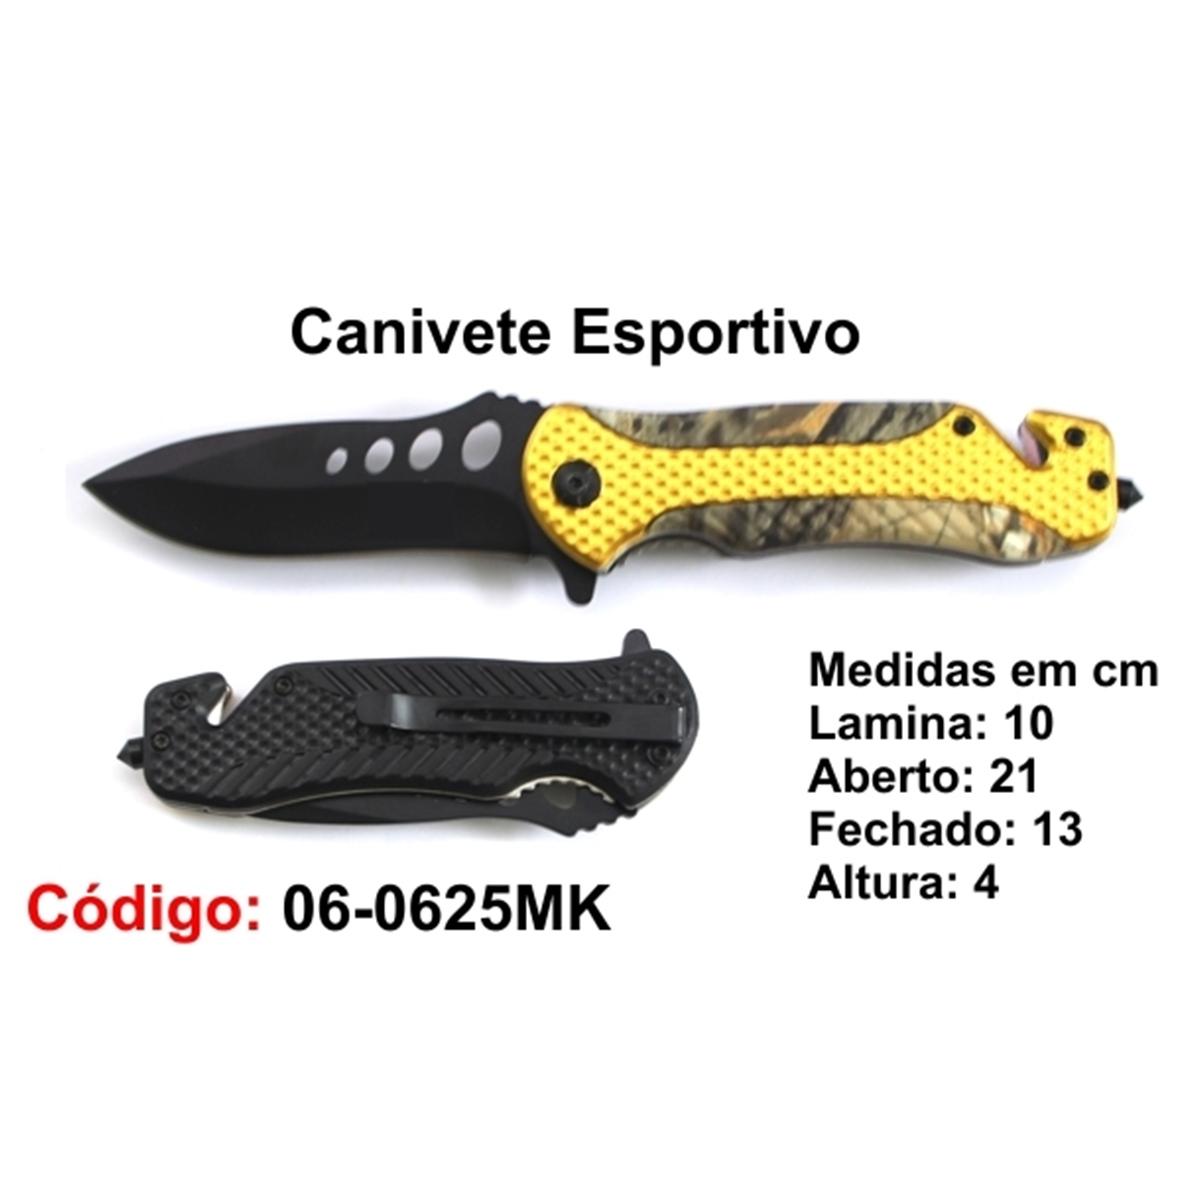 Canivete Esportivo Caça Pesca Etc. 06-0625MK